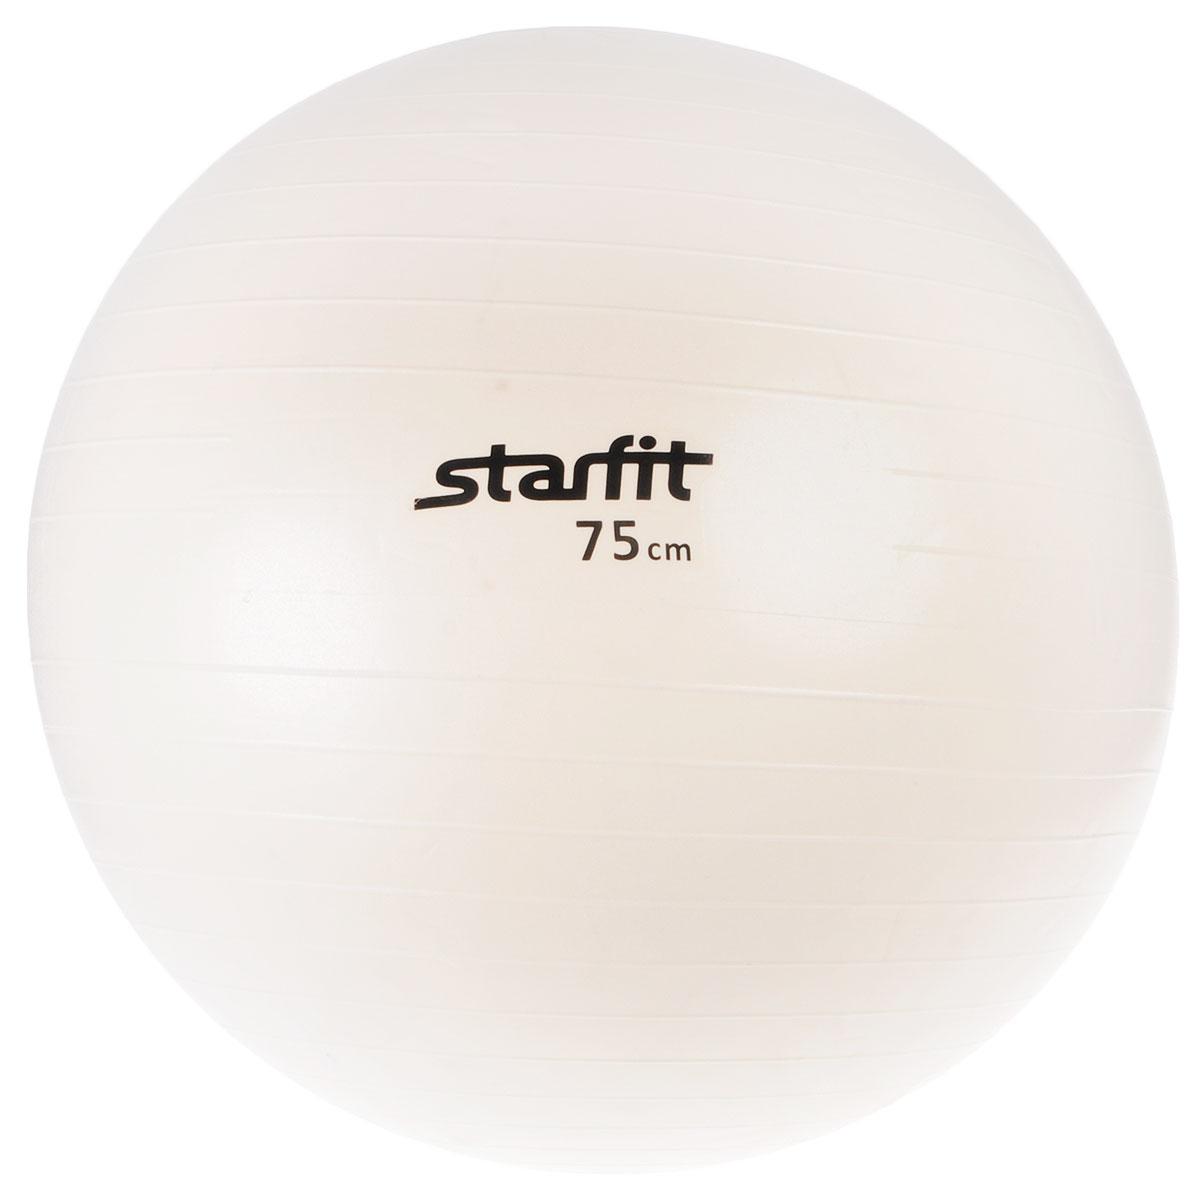 Мяч гимнастический Starfit, антивзрыв, с насосом, цвет: белый, диаметр 75 см эспандеры starfit эспандер starfit es 702 power twister черный 50 кг